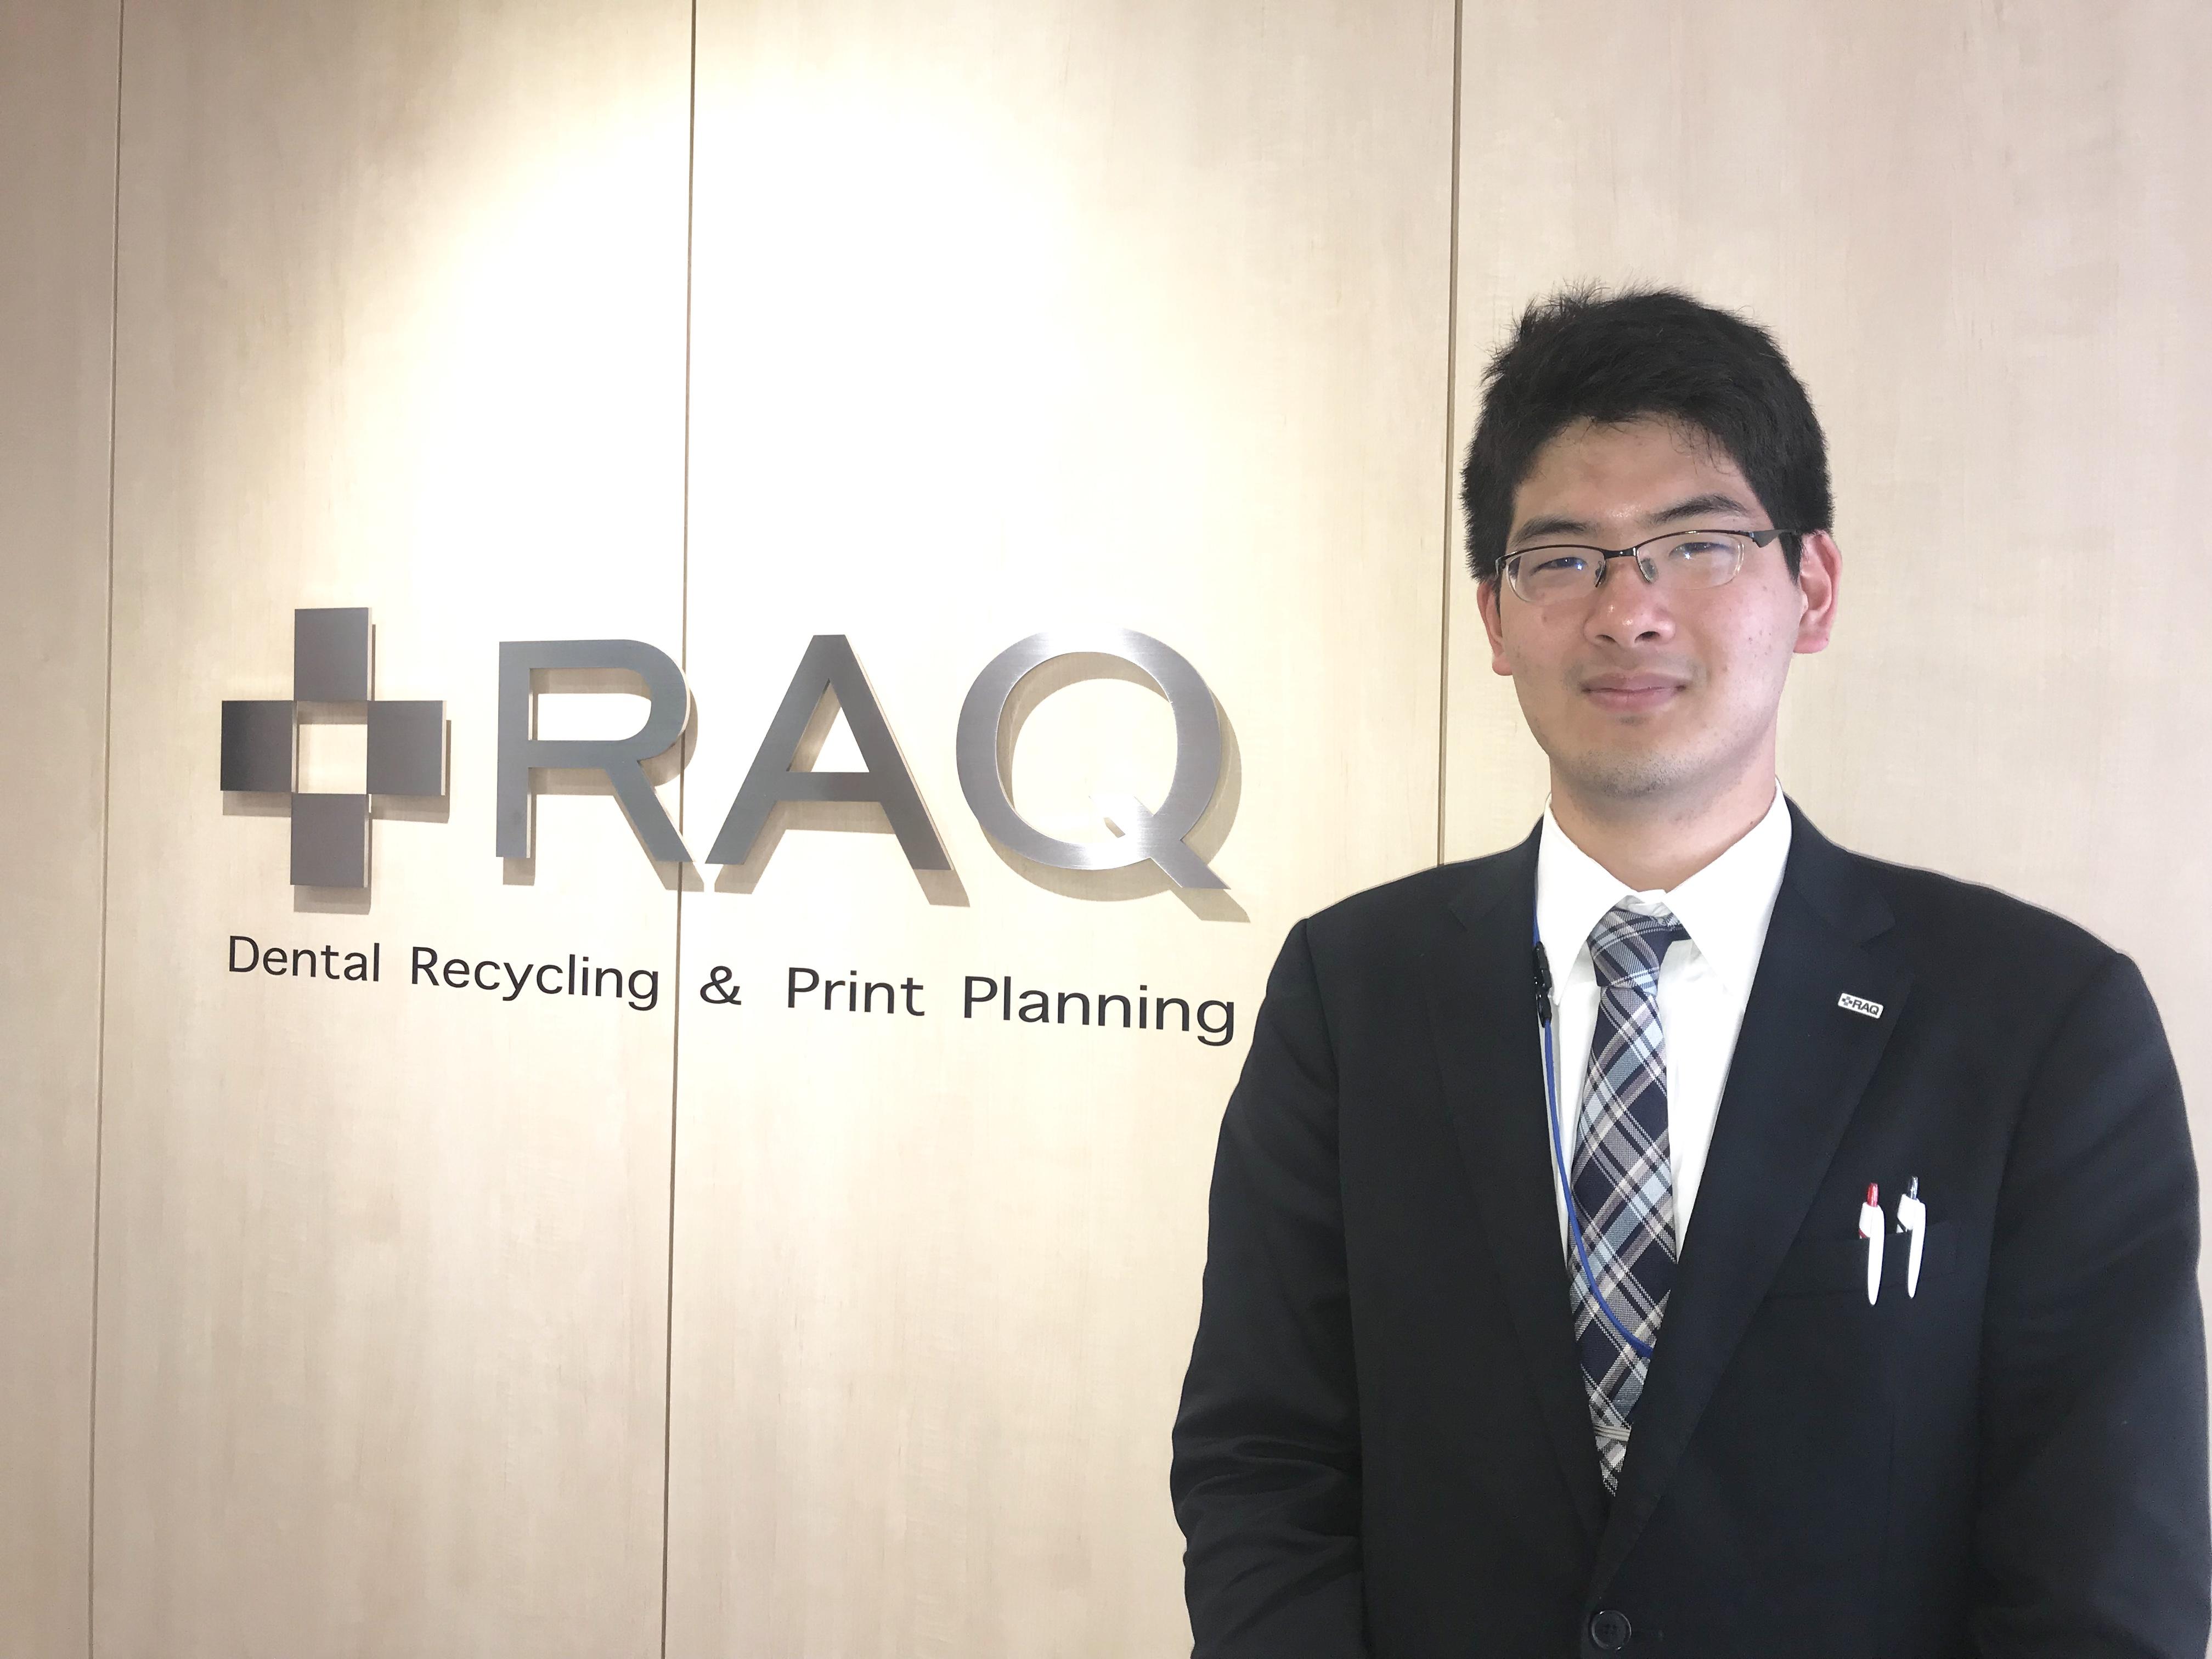 Yuhei Kawahara